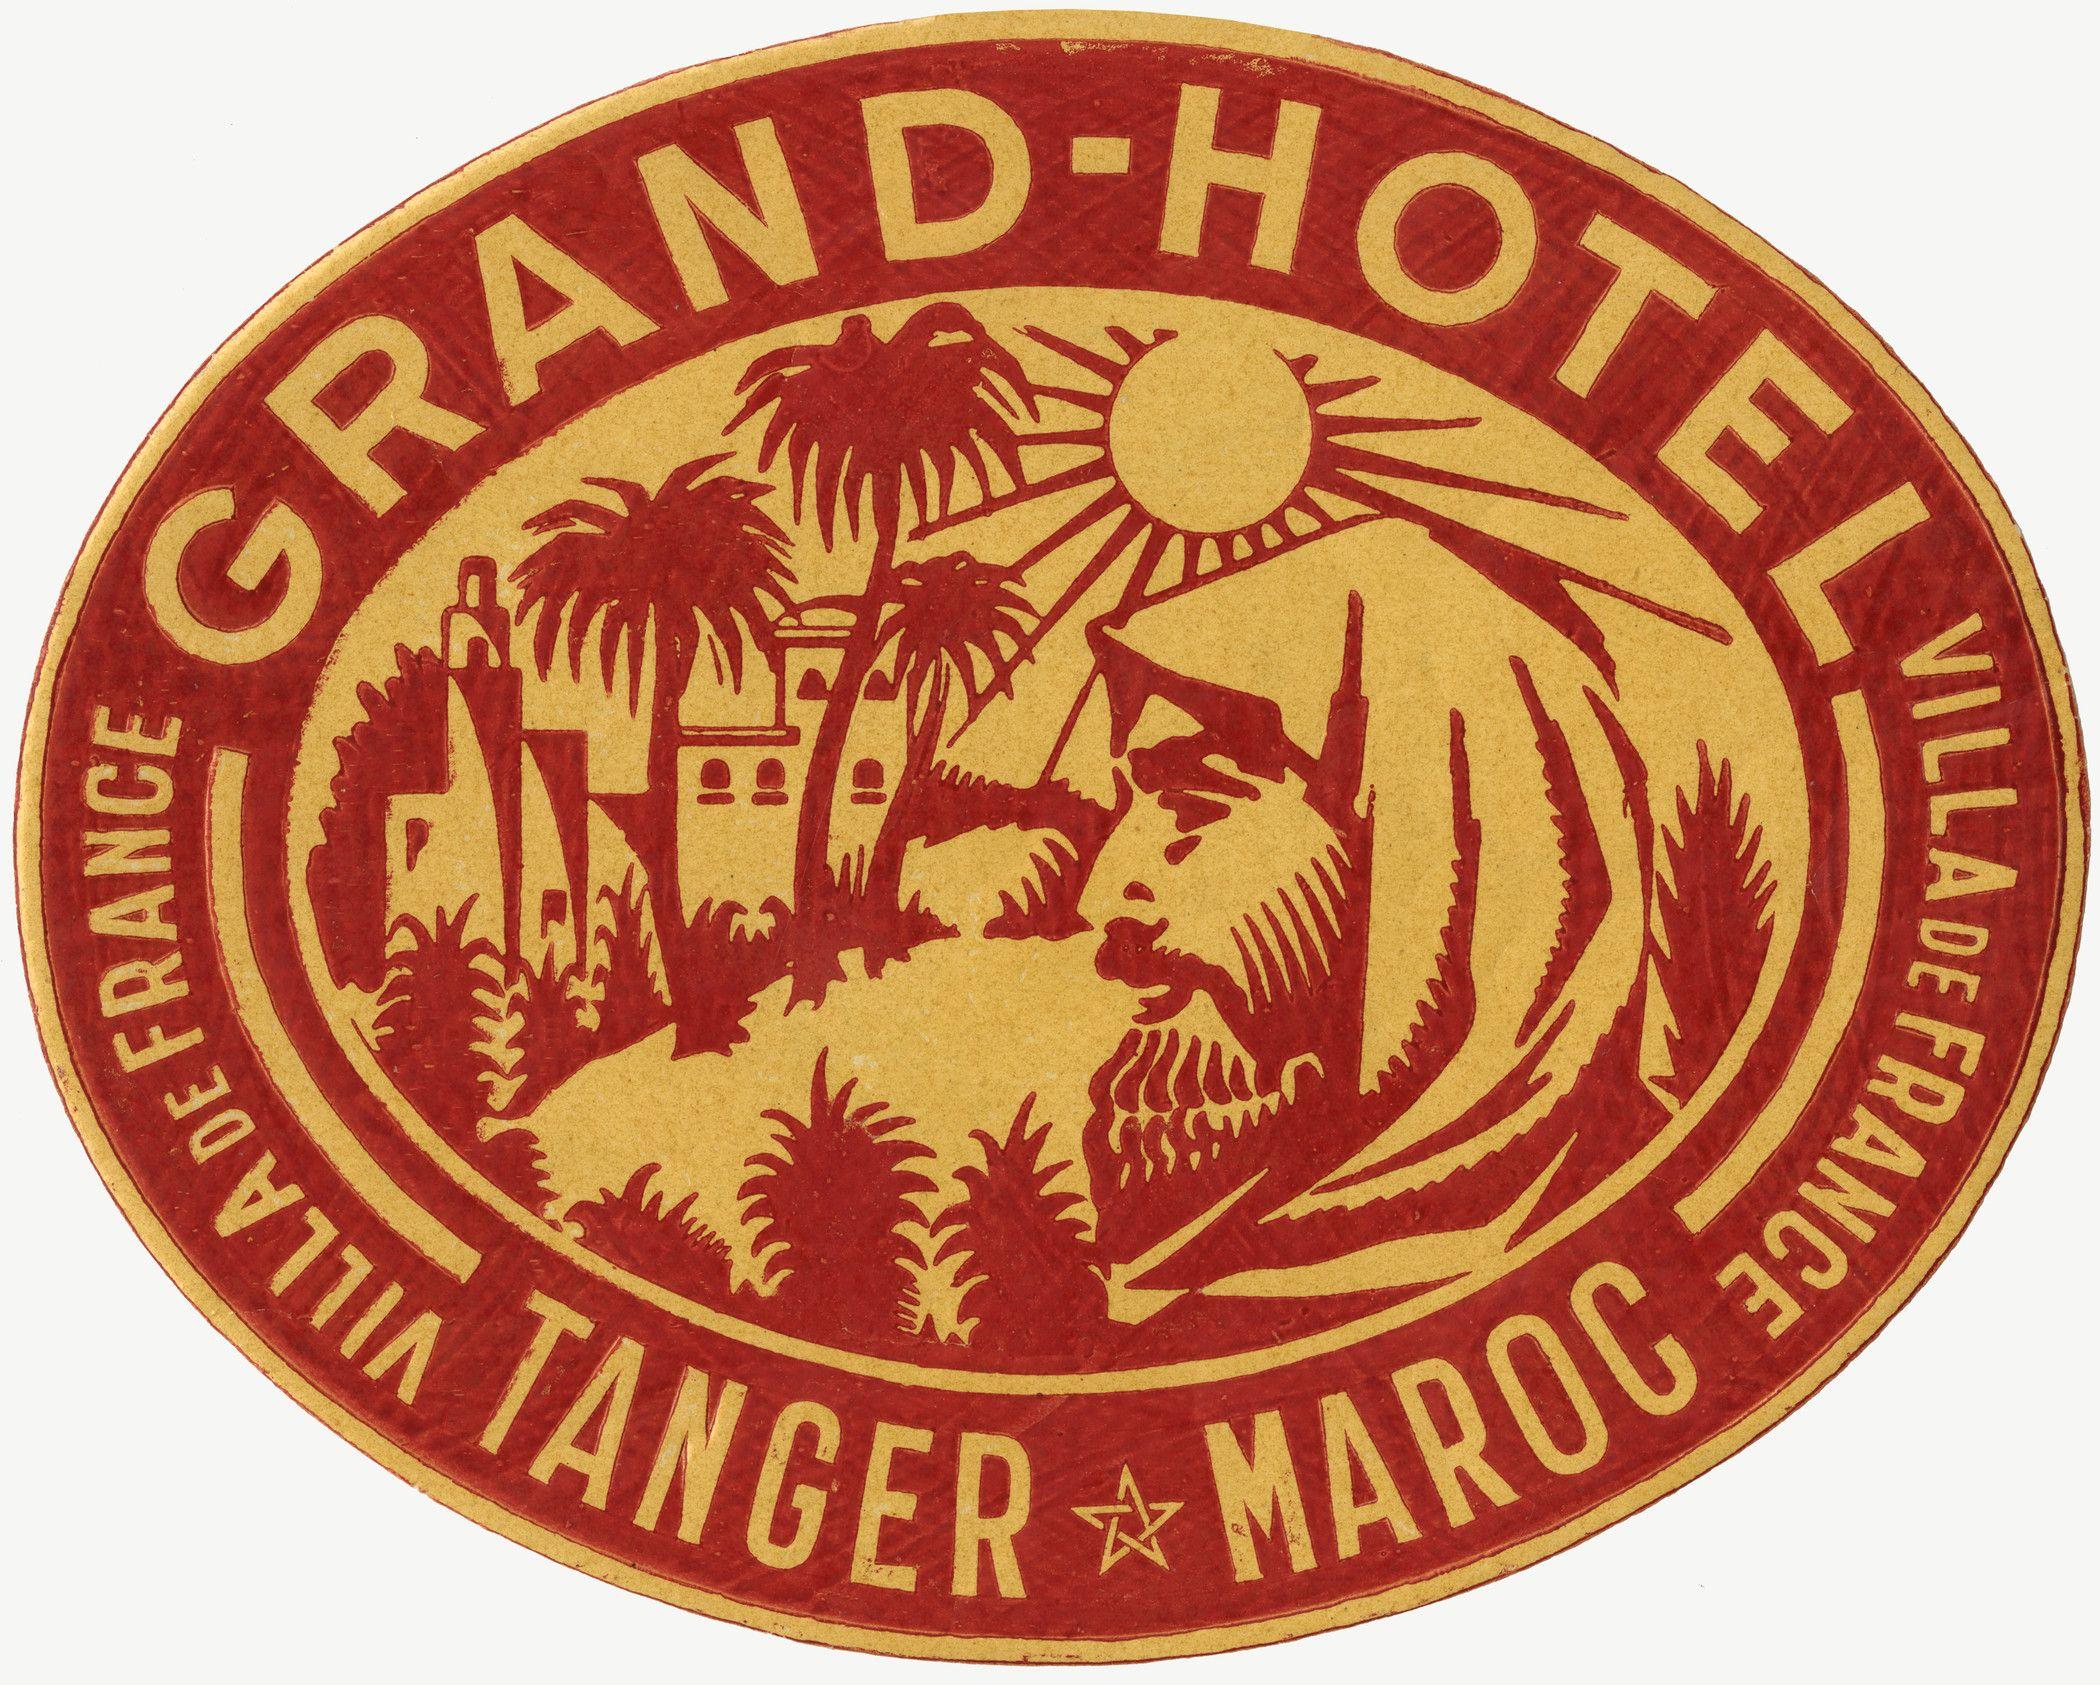 Grand Hotel Tanger Maroc Luggage Label Morocco Maroc Marokko  ~ Album De Fotos Tradicional El Corte Ingles